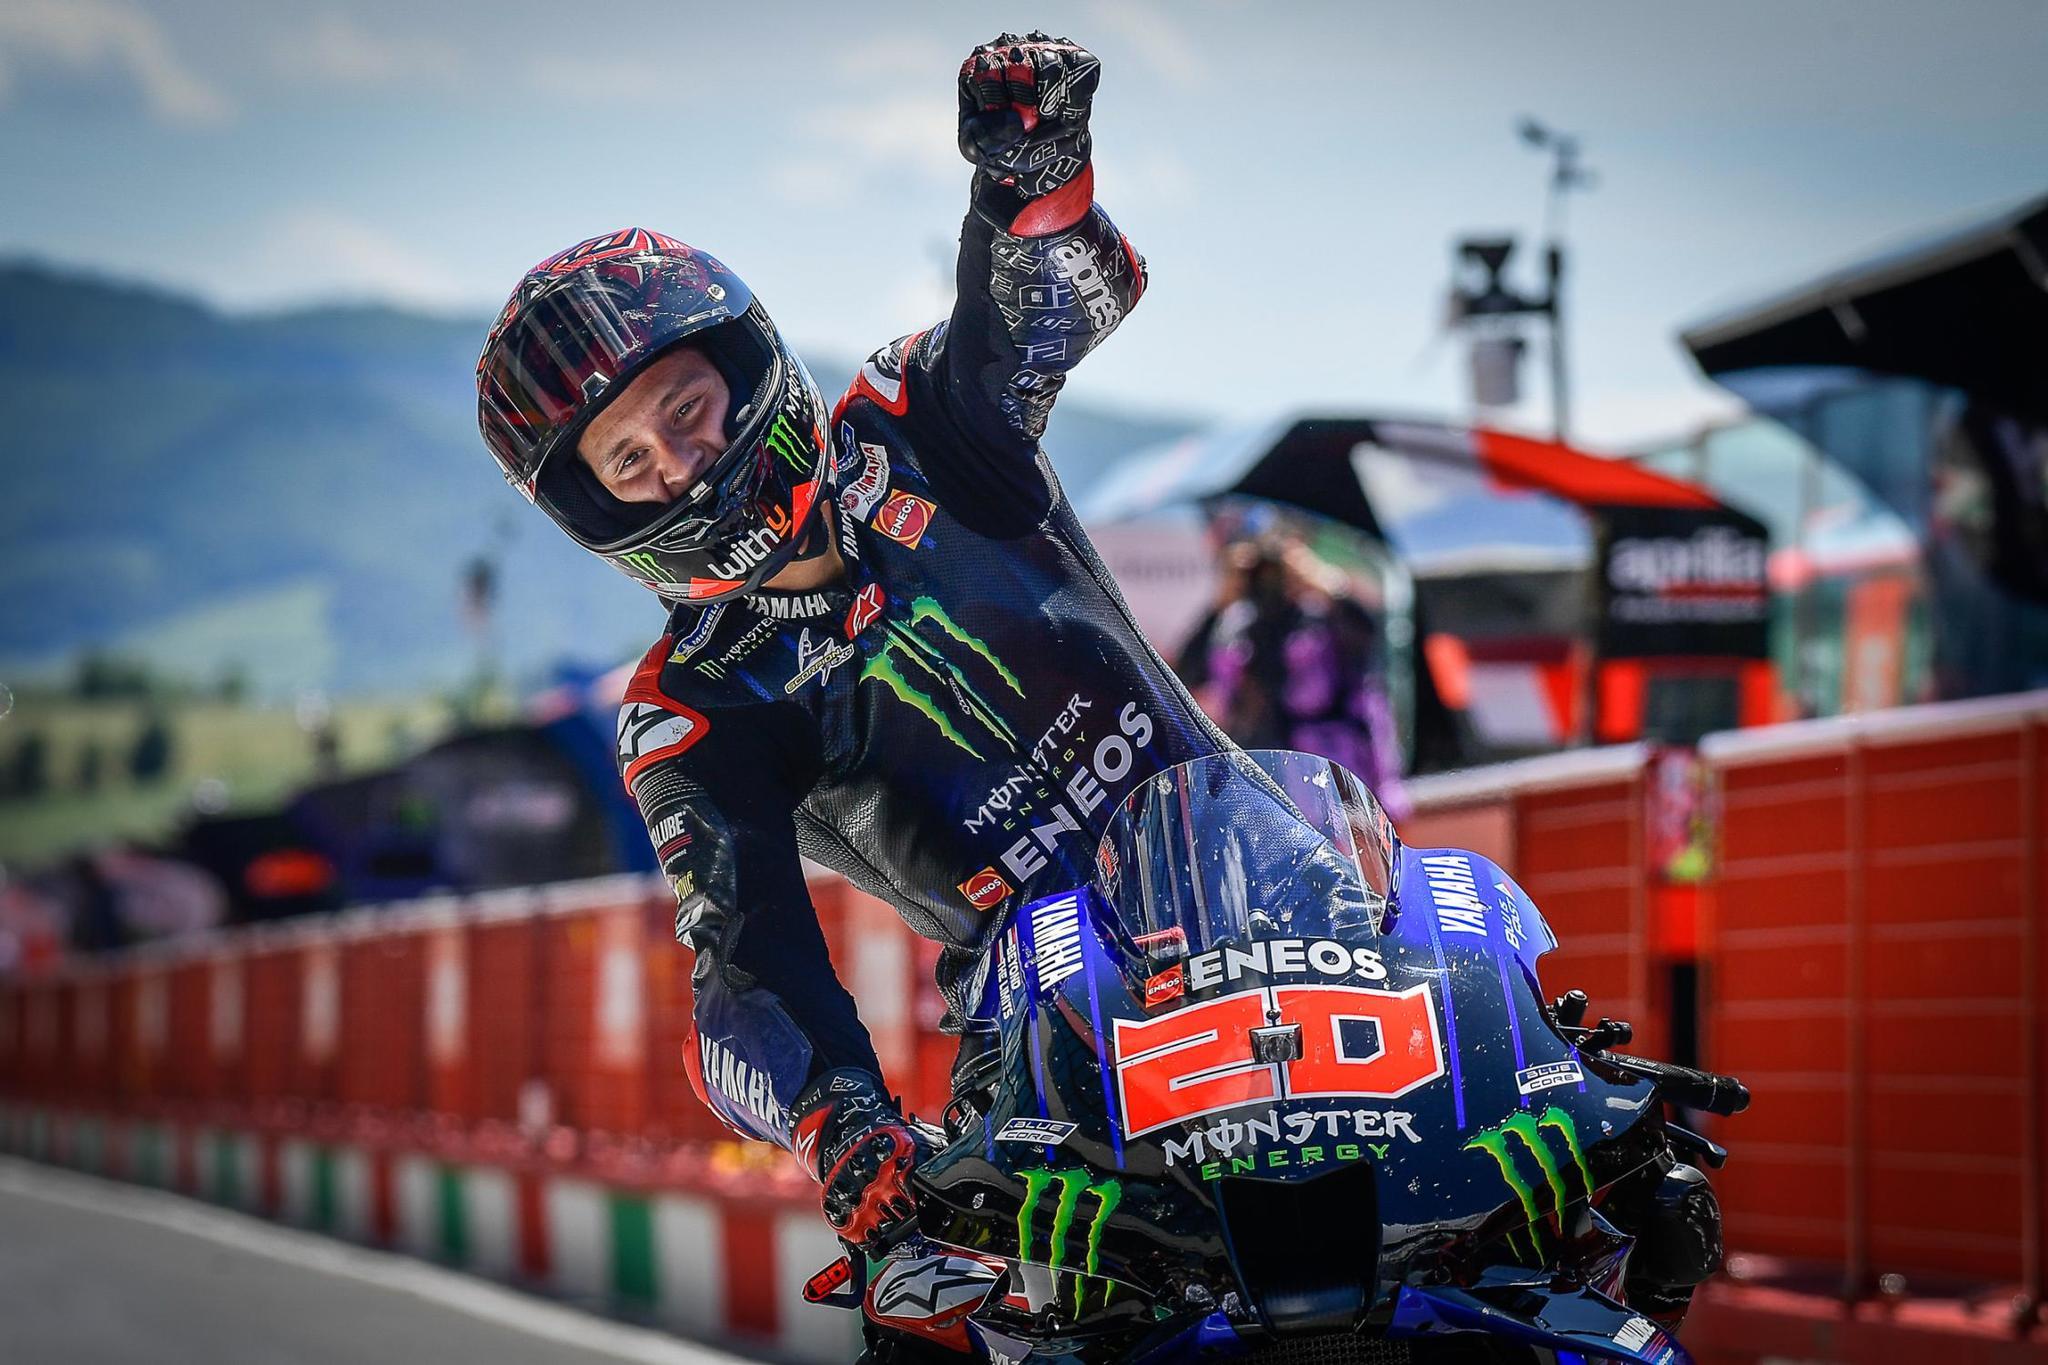 Horarios y dónde ver en TV y online el Gran Premio de Cataluña 2021 de MotoGP, Moto2, Moto3 y MotoE